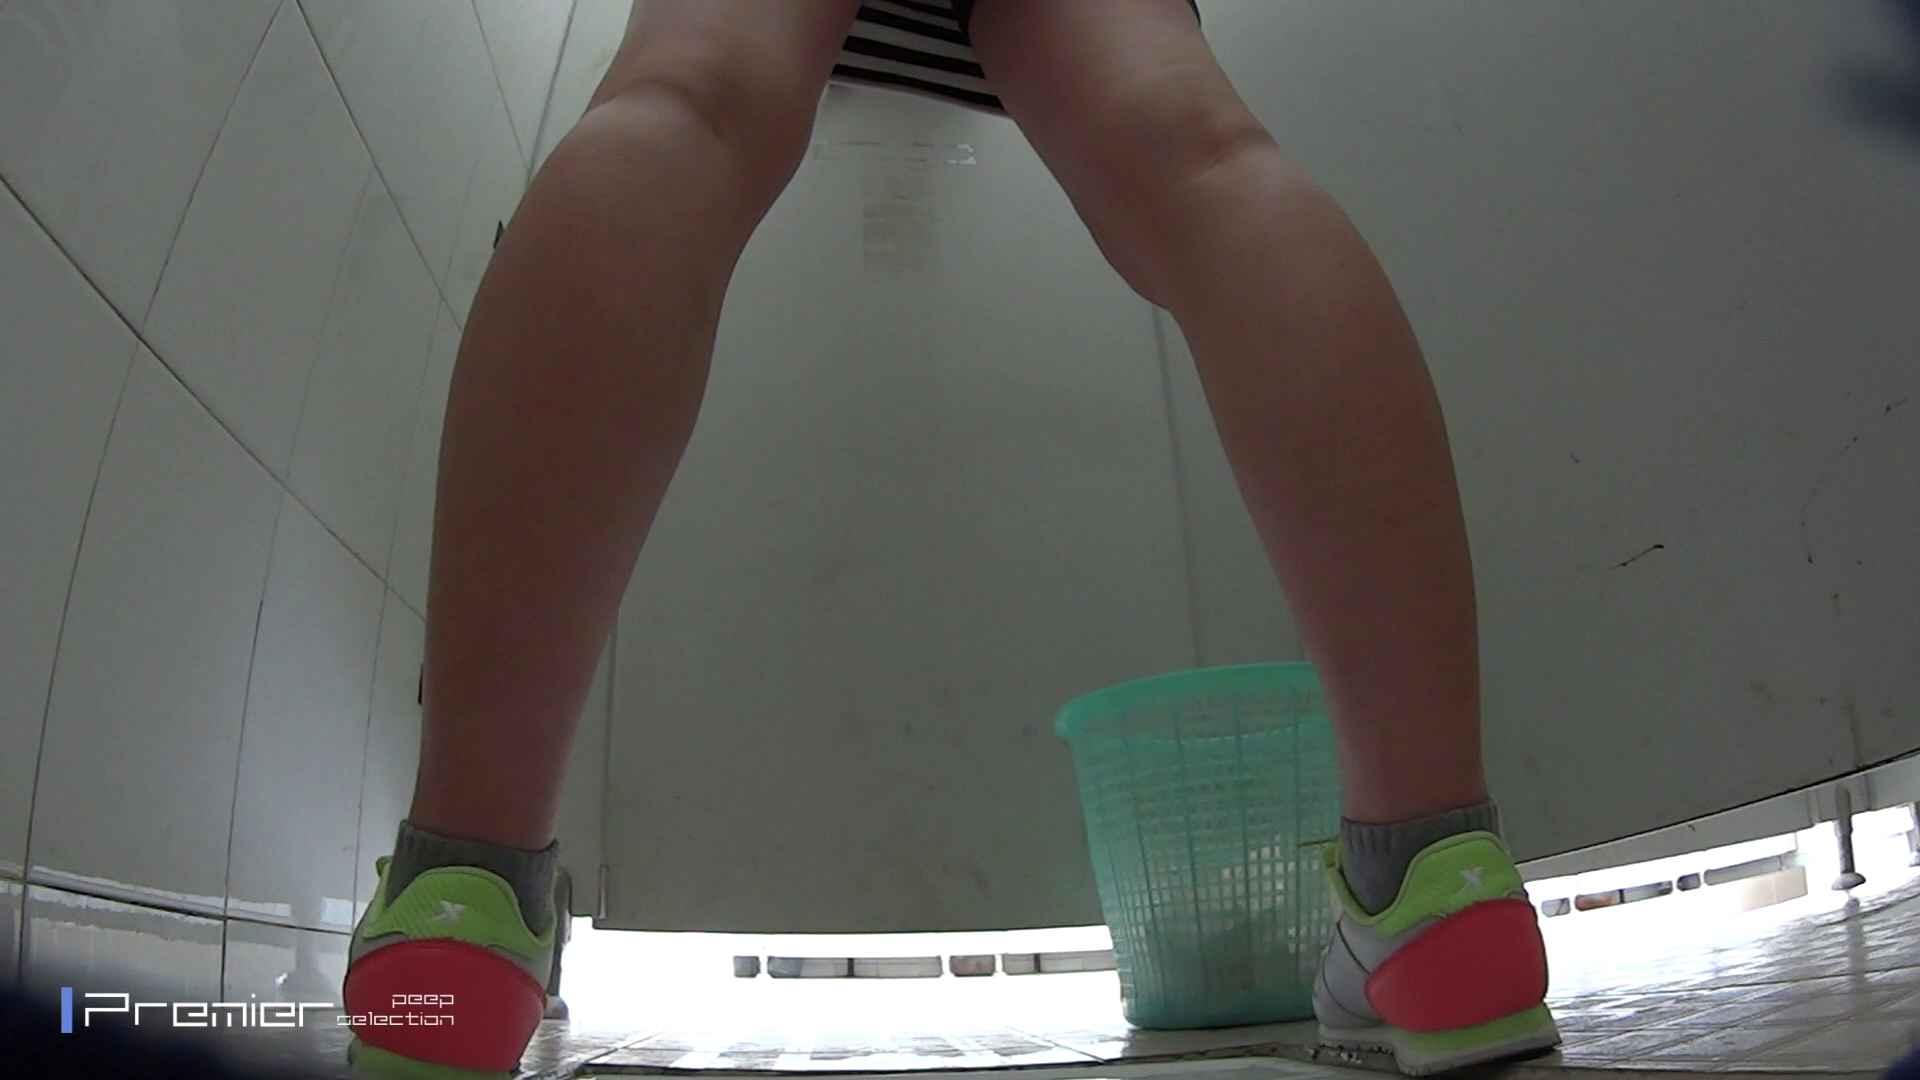 美しい女良たちのトイレ事情 有名大学休憩時間の洗面所事情06 トイレ中の女子達 おめこ無修正画像 80連発 14